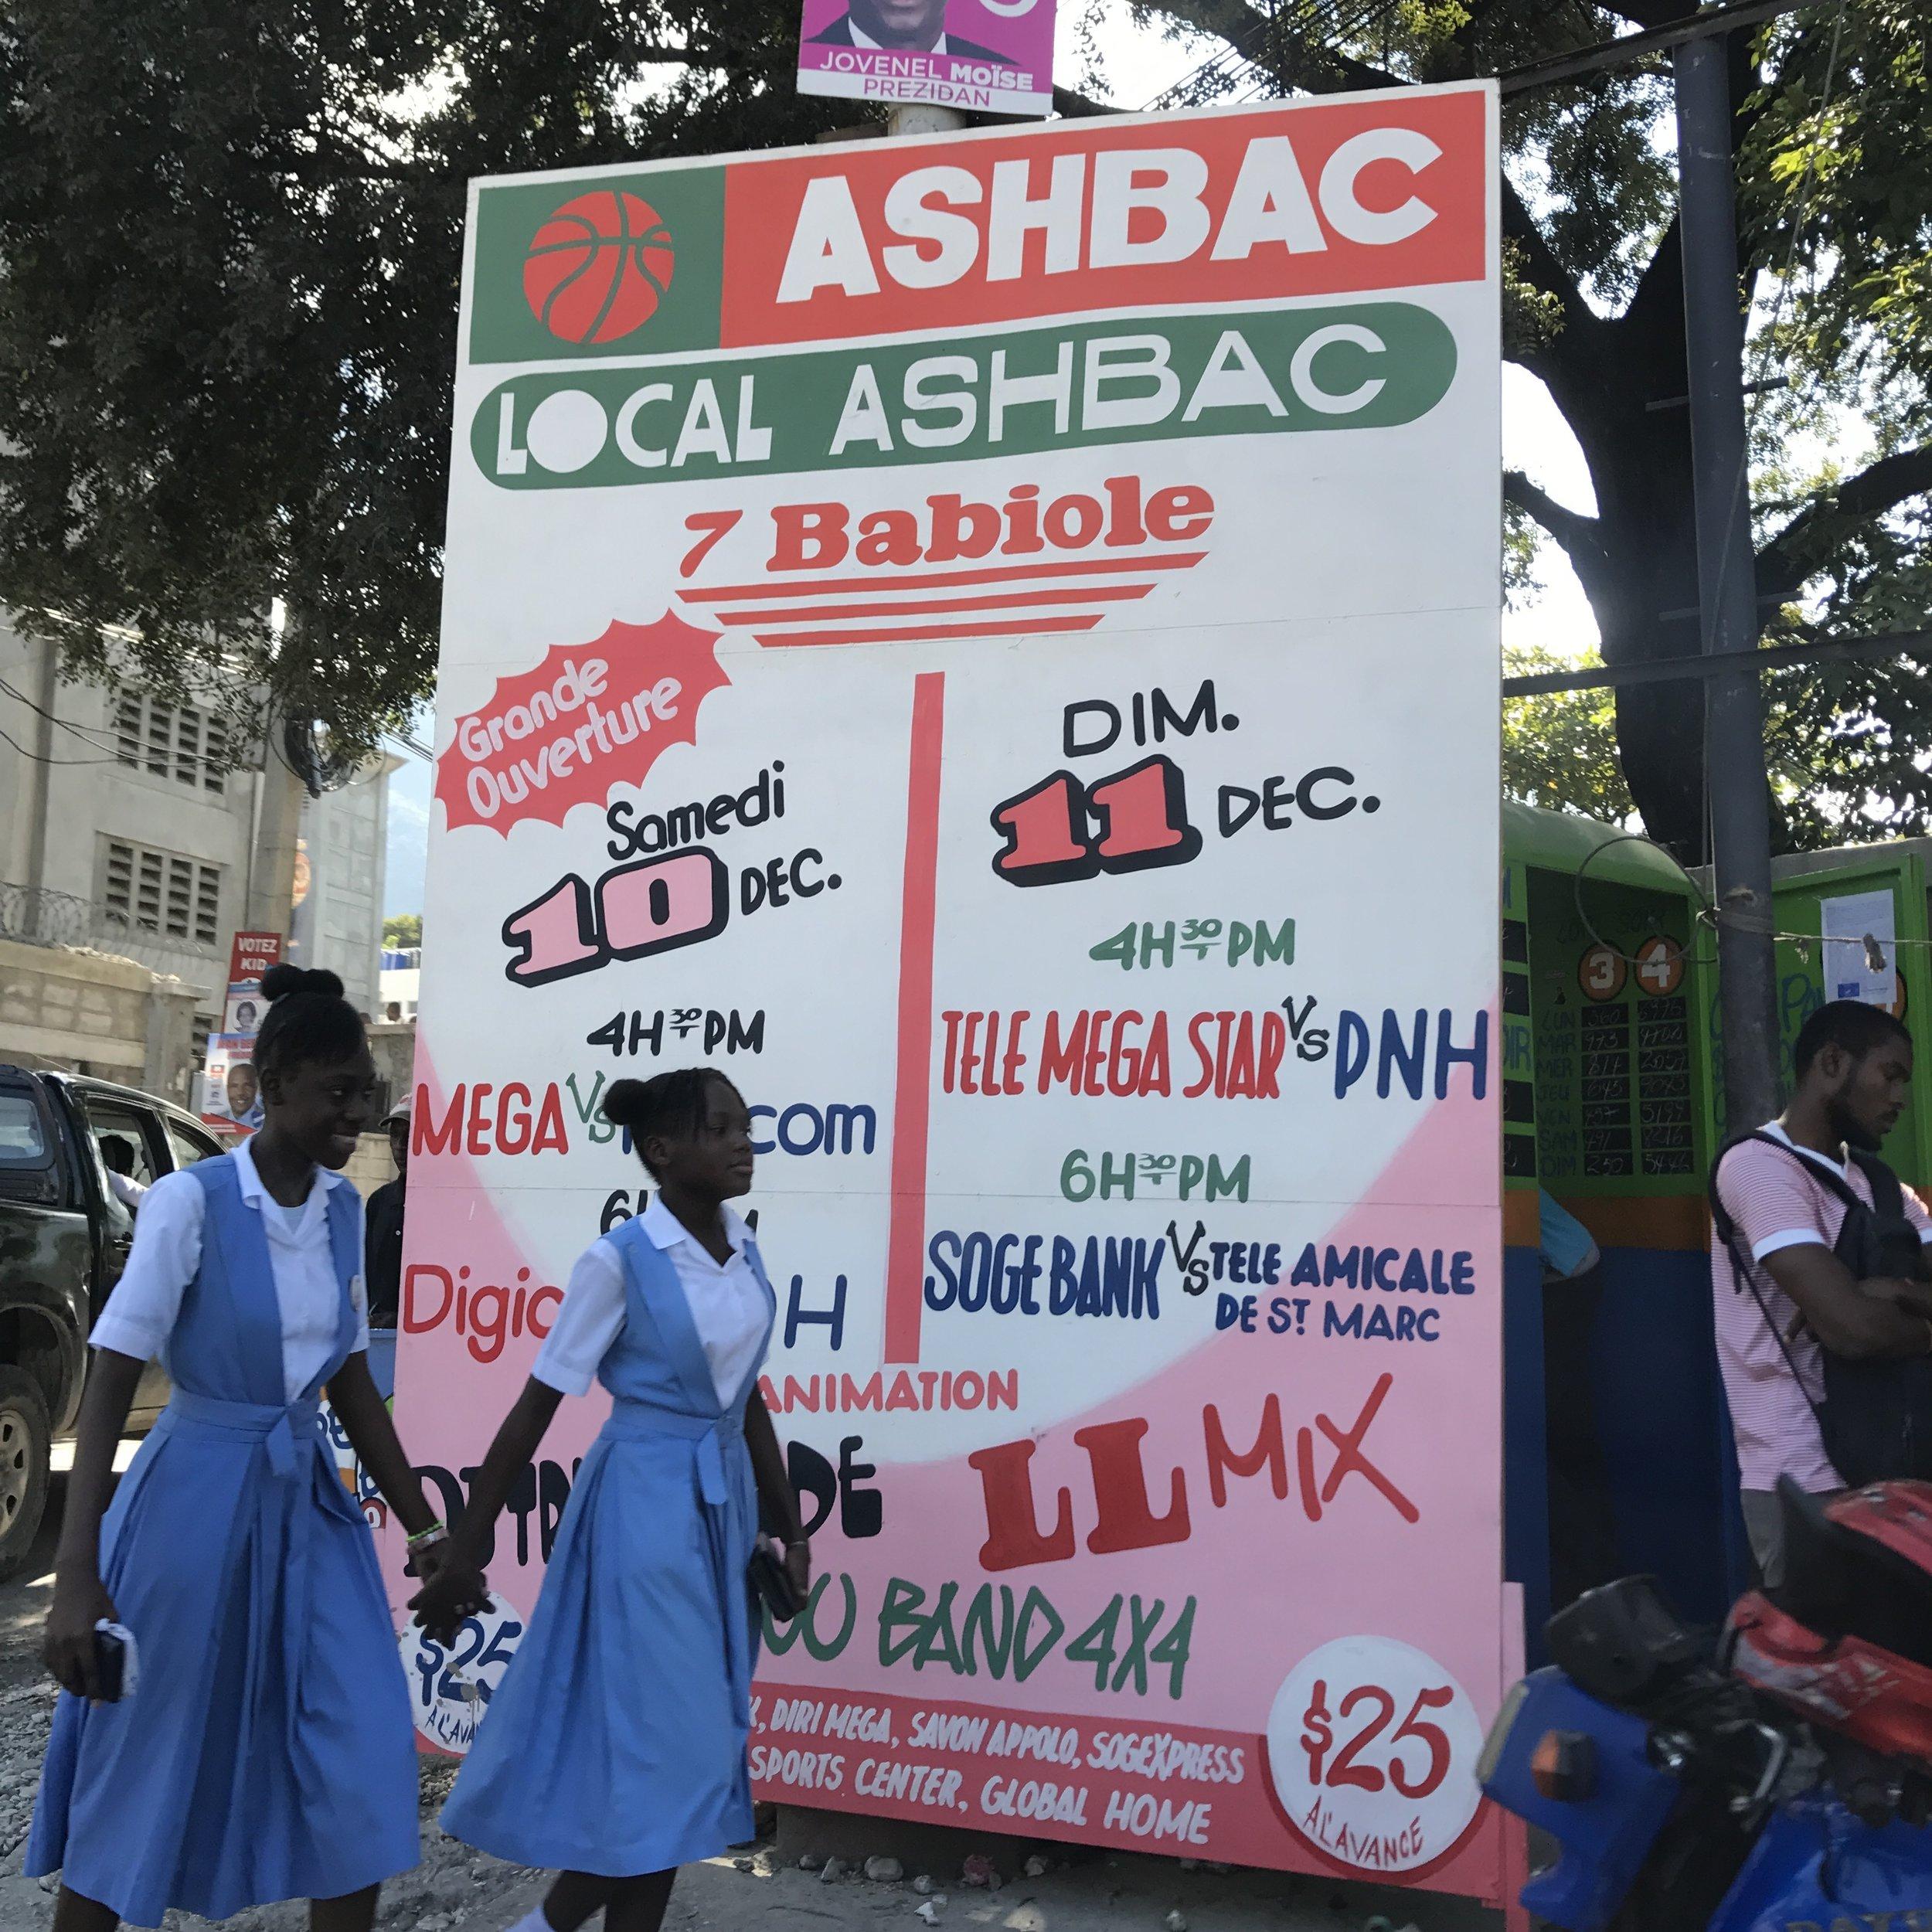 Ashbac is the NBA of Port-au-Prince